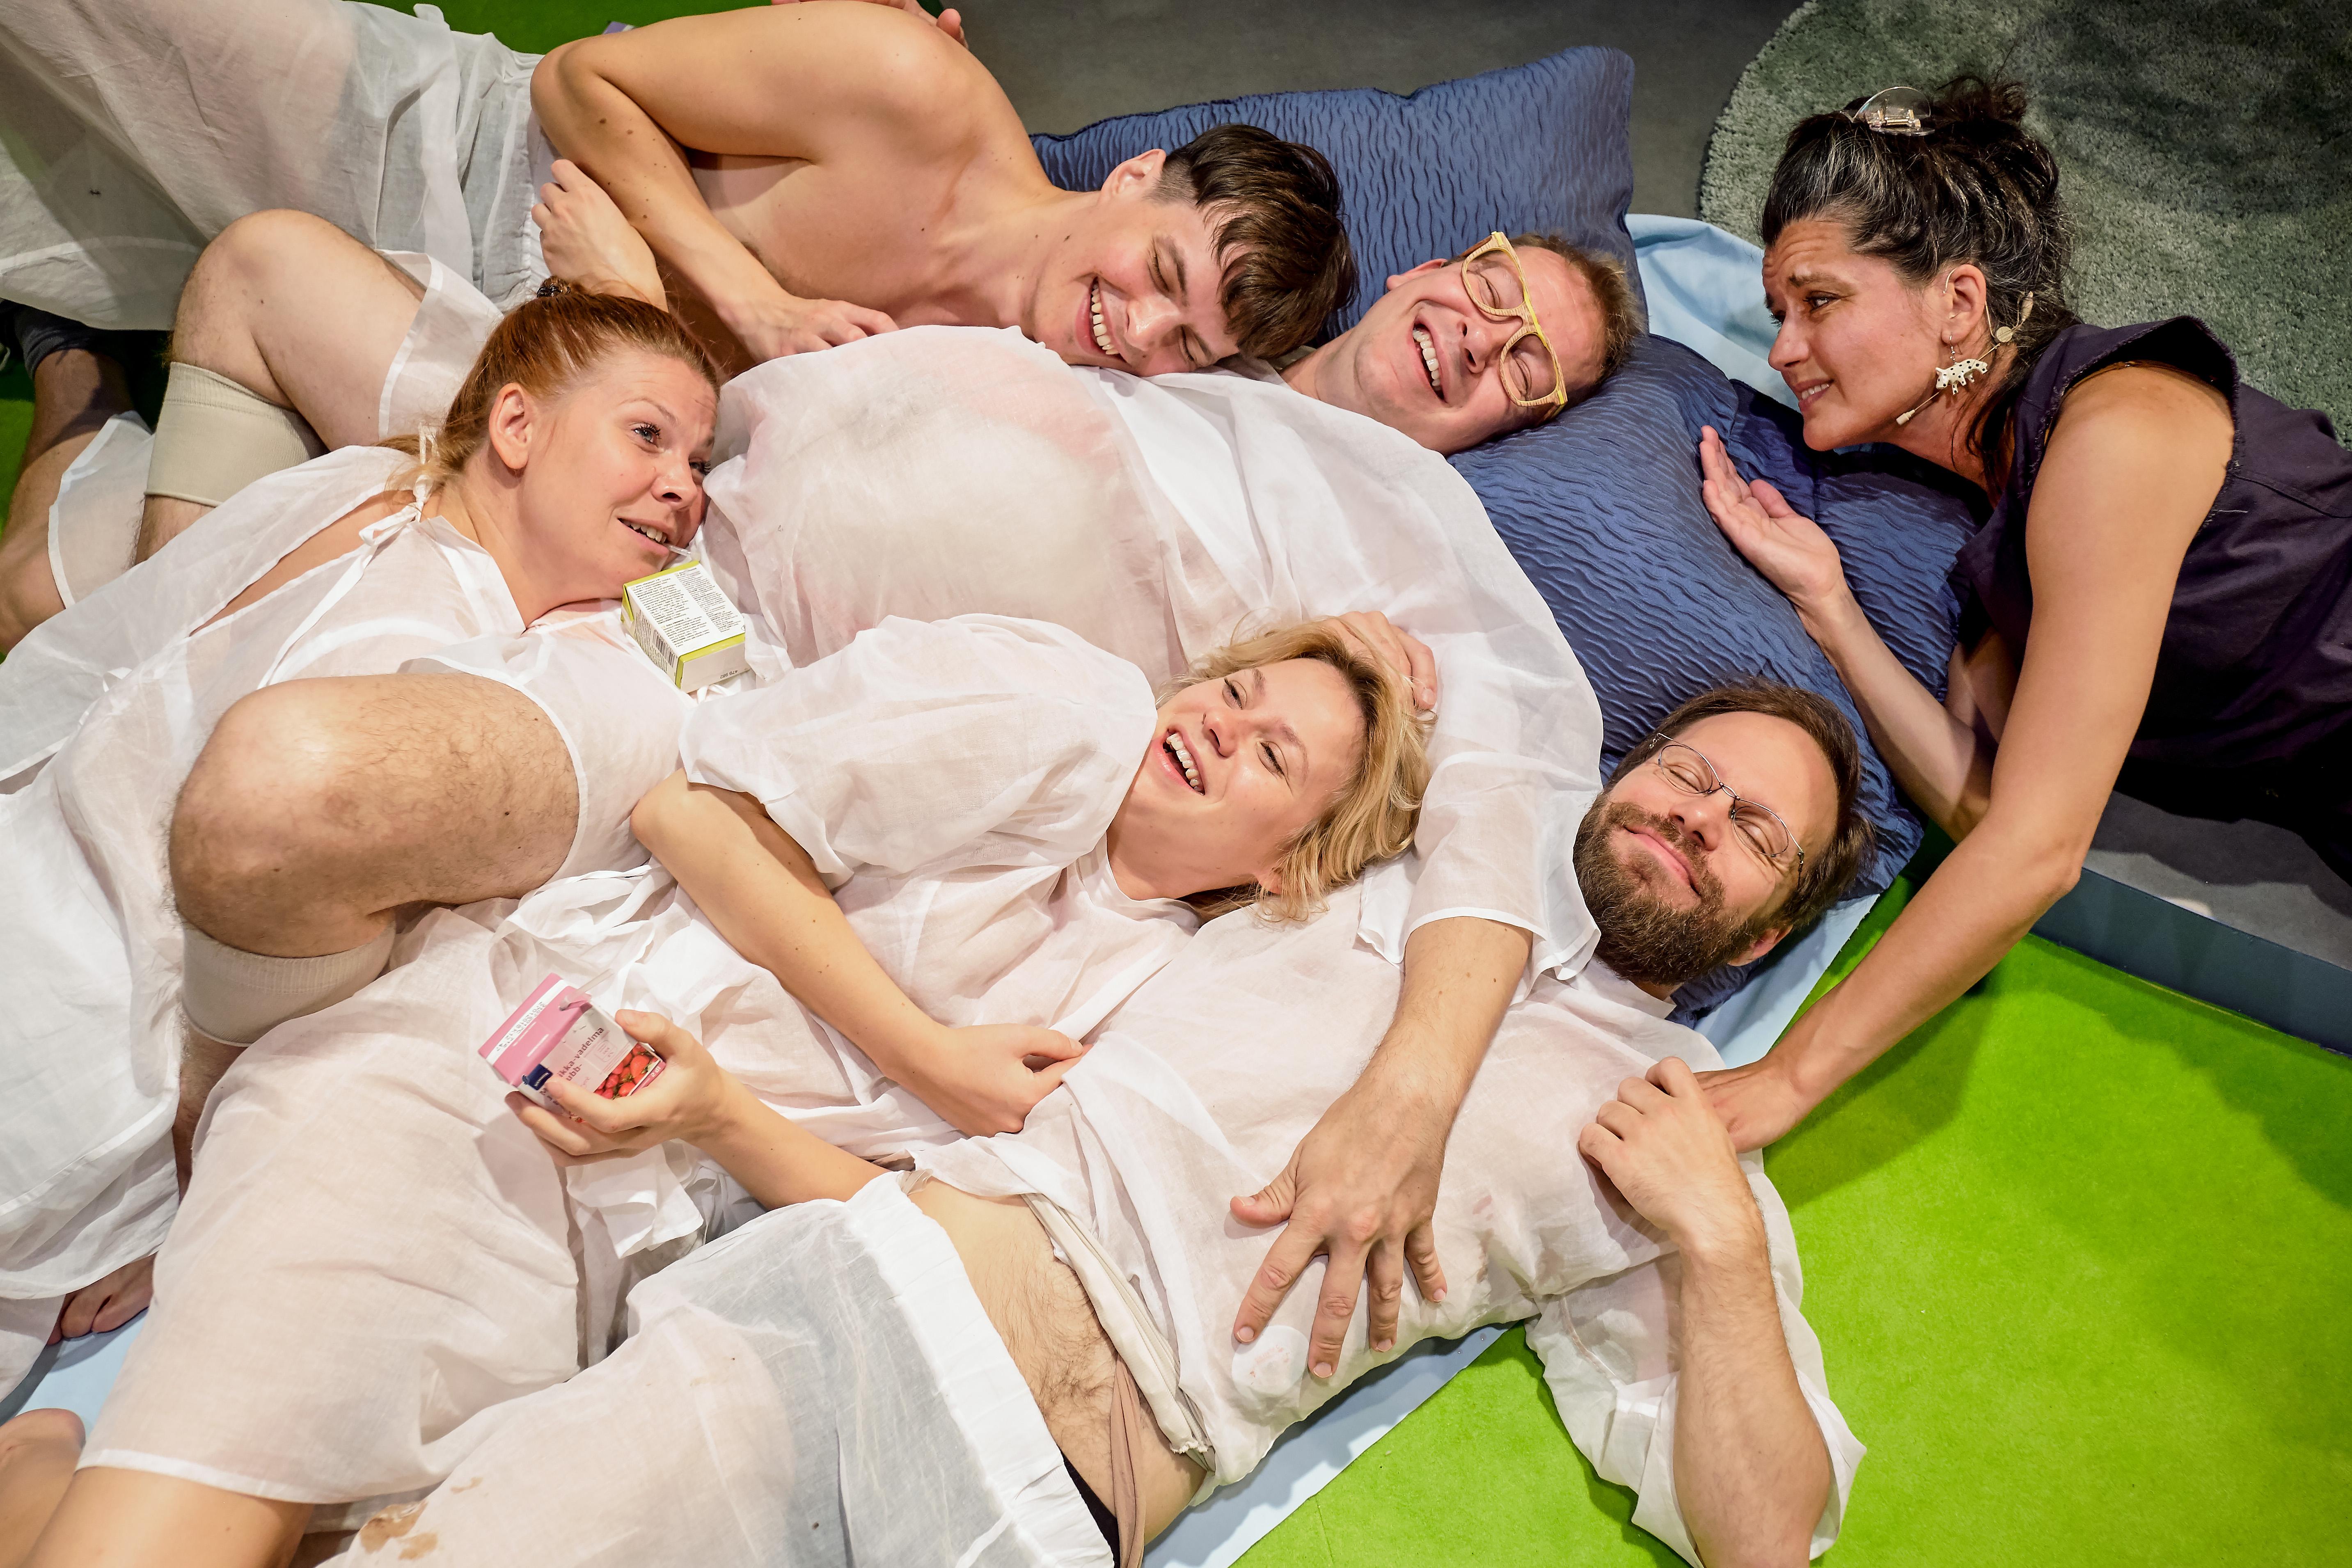 Kuva: KOM-teatteri / Marko Mäkinen